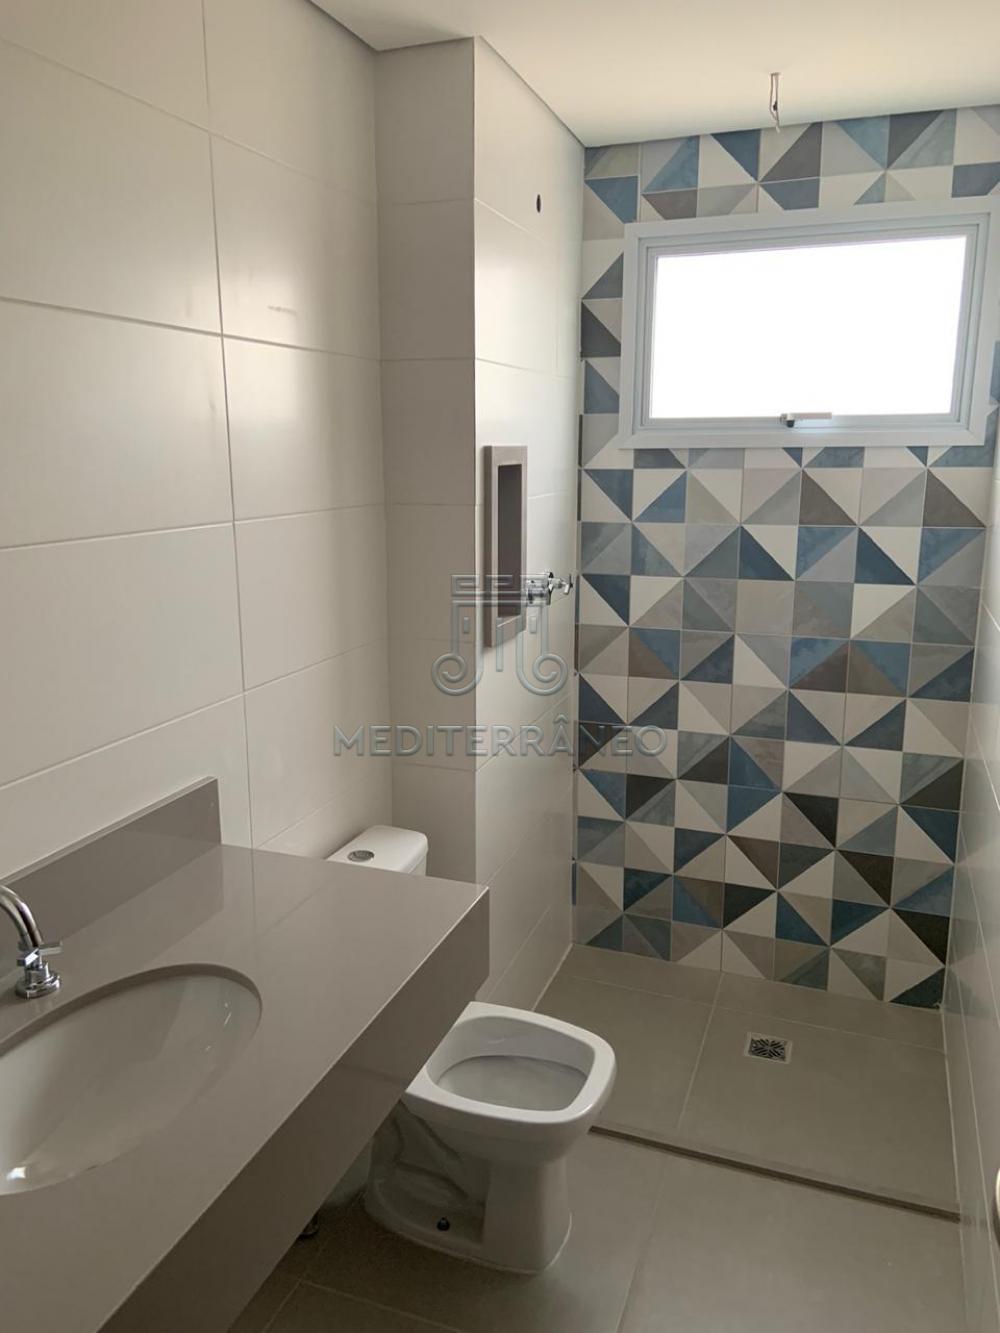 Comprar Apartamento / Padrão em Jundiaí apenas R$ 690.000,00 - Foto 5